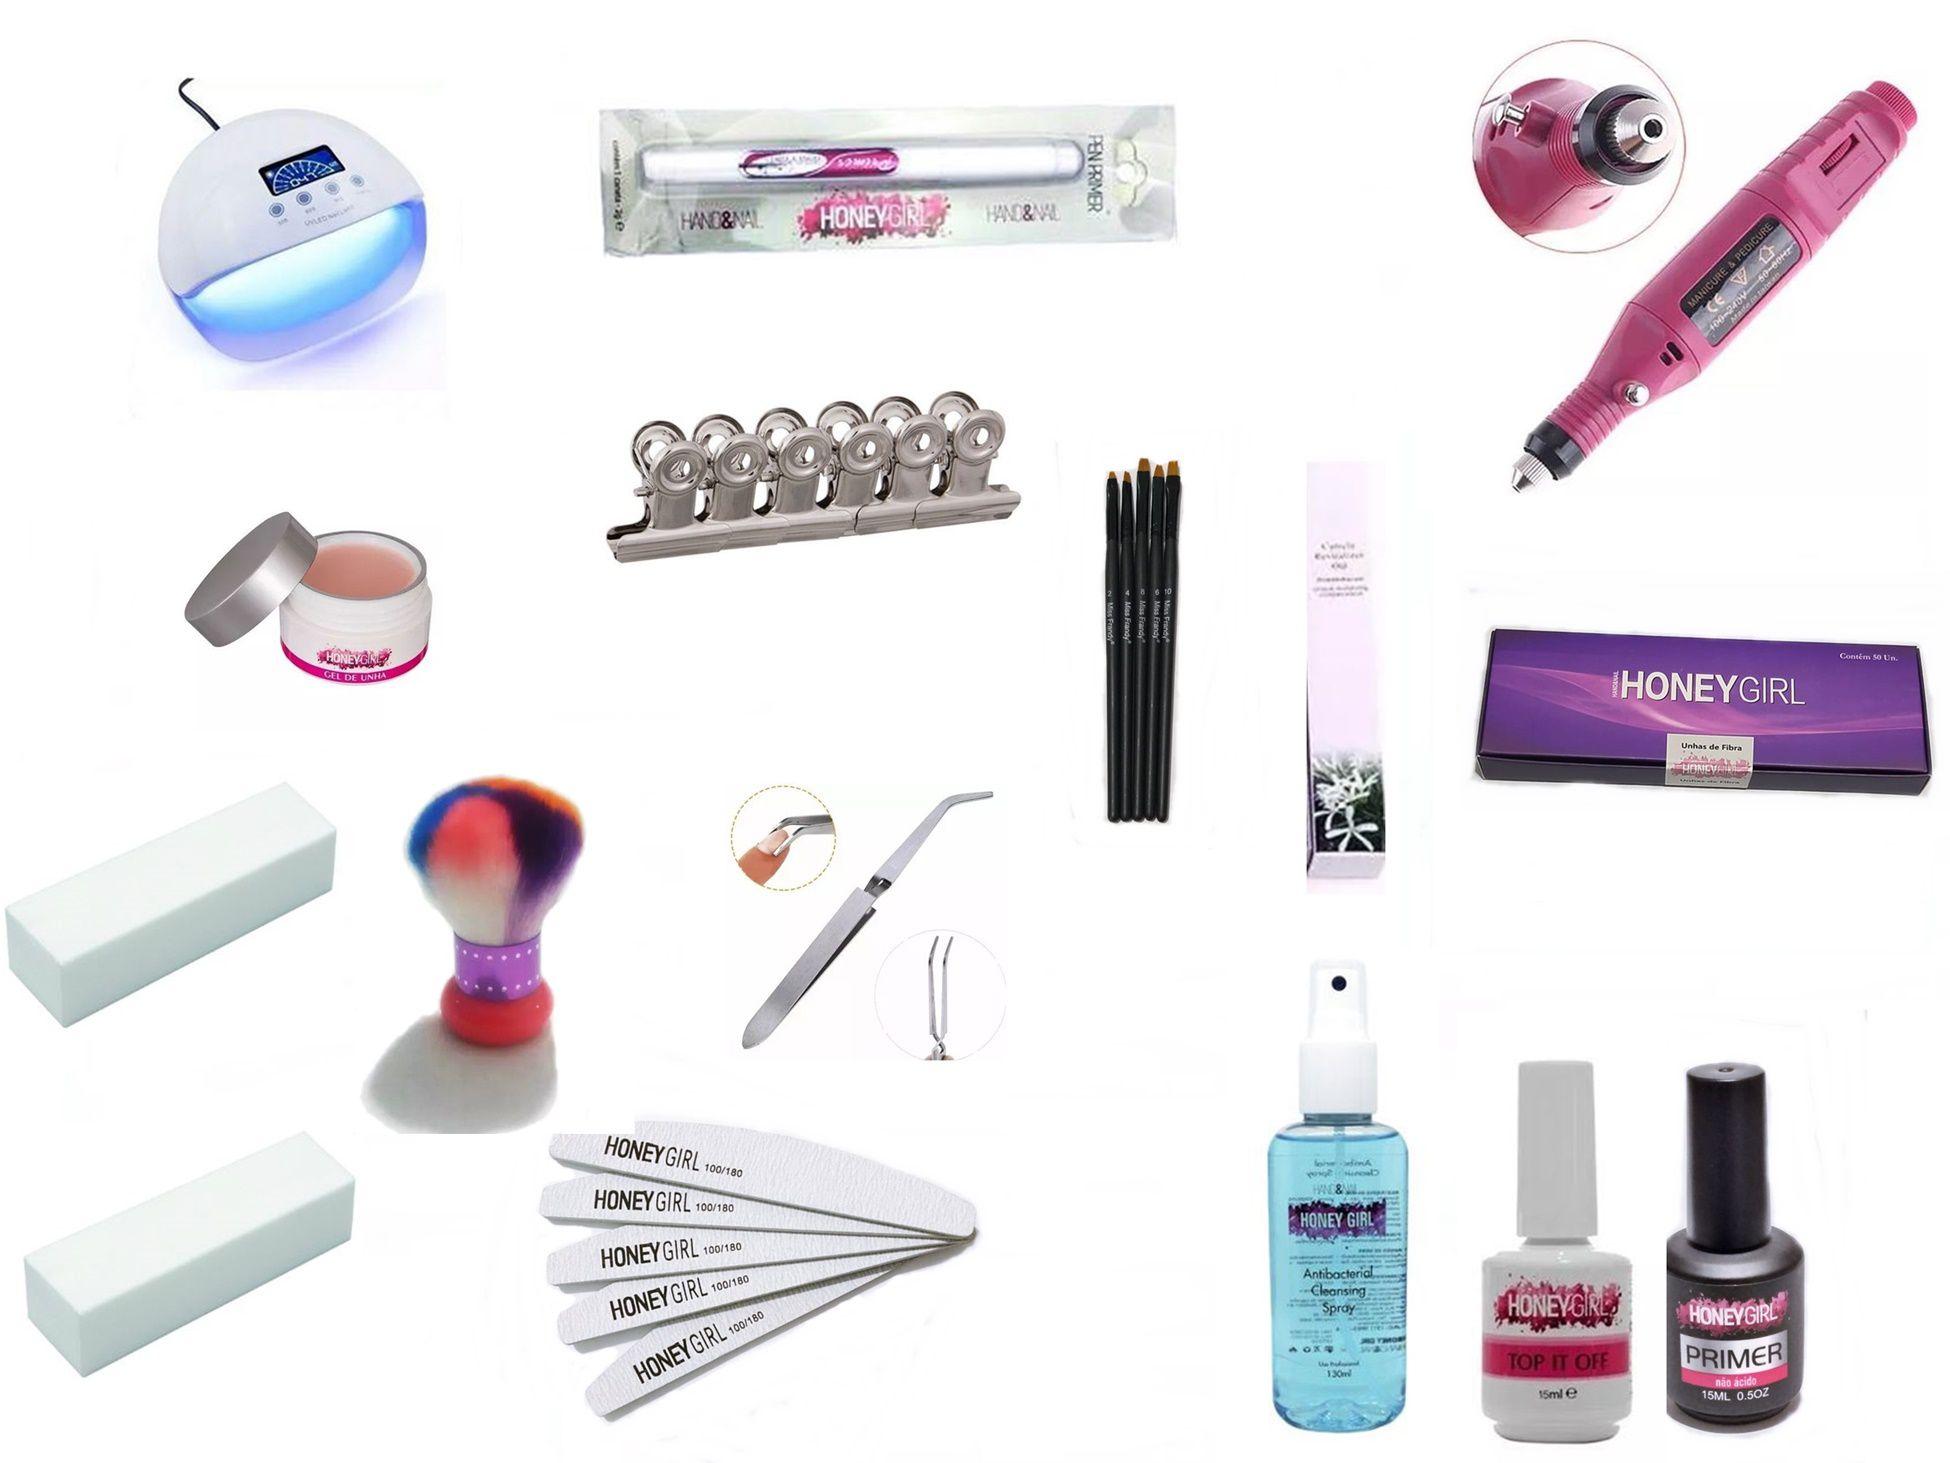 Kit Iniciante Honey Girl Unha Gel Cabine 50w Lixa Elétrica Gel Pink Light Top Coat Primer Sem Ácido Unha De Fibra